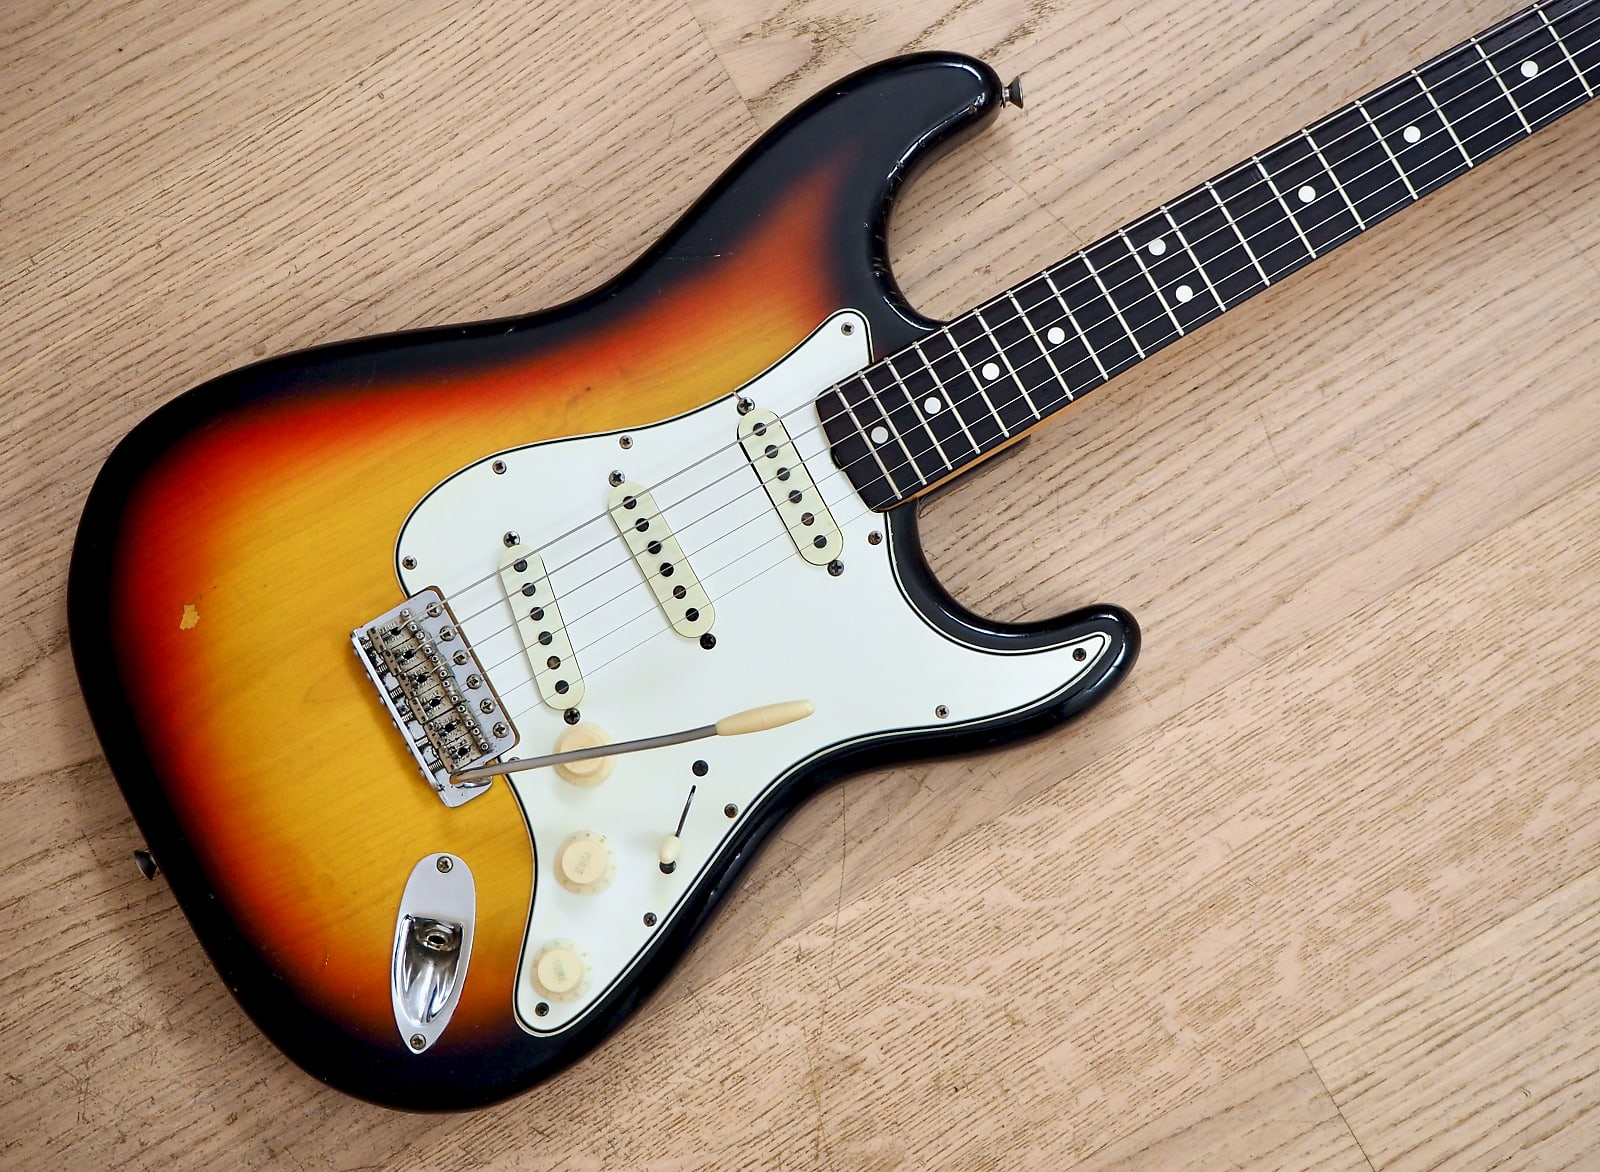 1965 Fender Stratocaster Vintage Electric Guitar Sunburst w/ohc